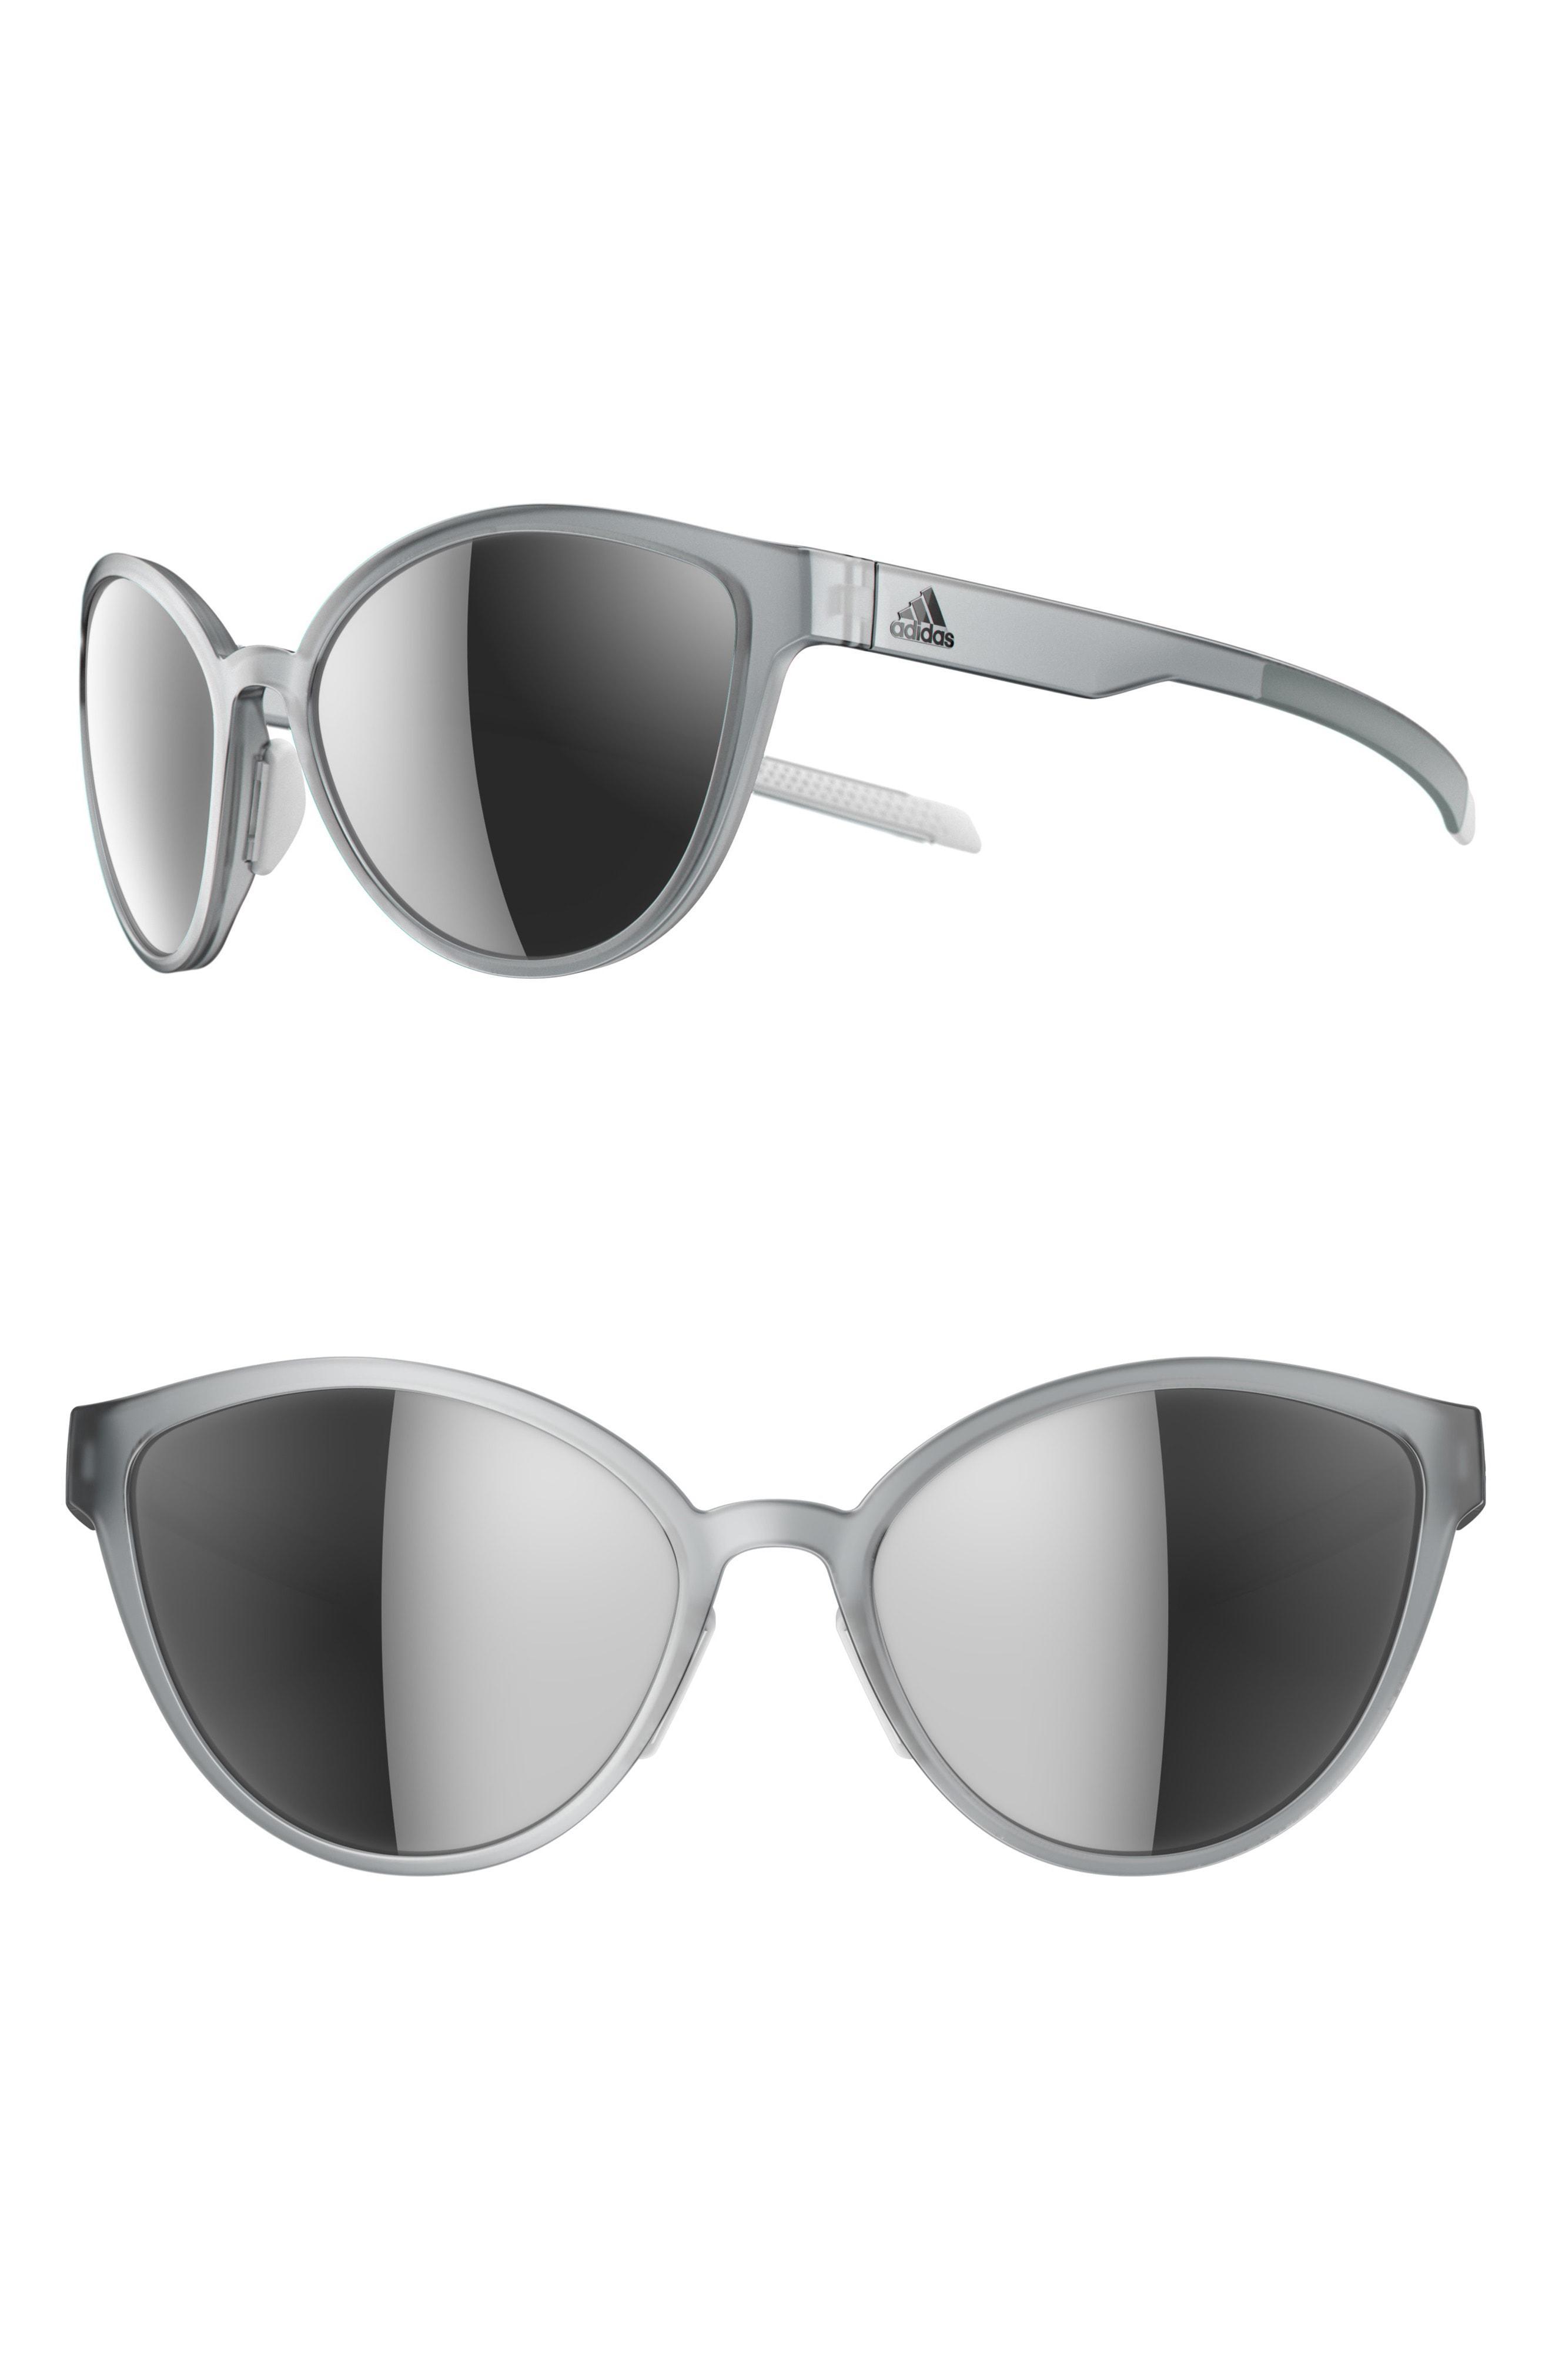 2d1da6e523 Adidas - Gray Tempest 56mm Mirrored Cat Eye Running Sunglasses - Lyst. View  fullscreen